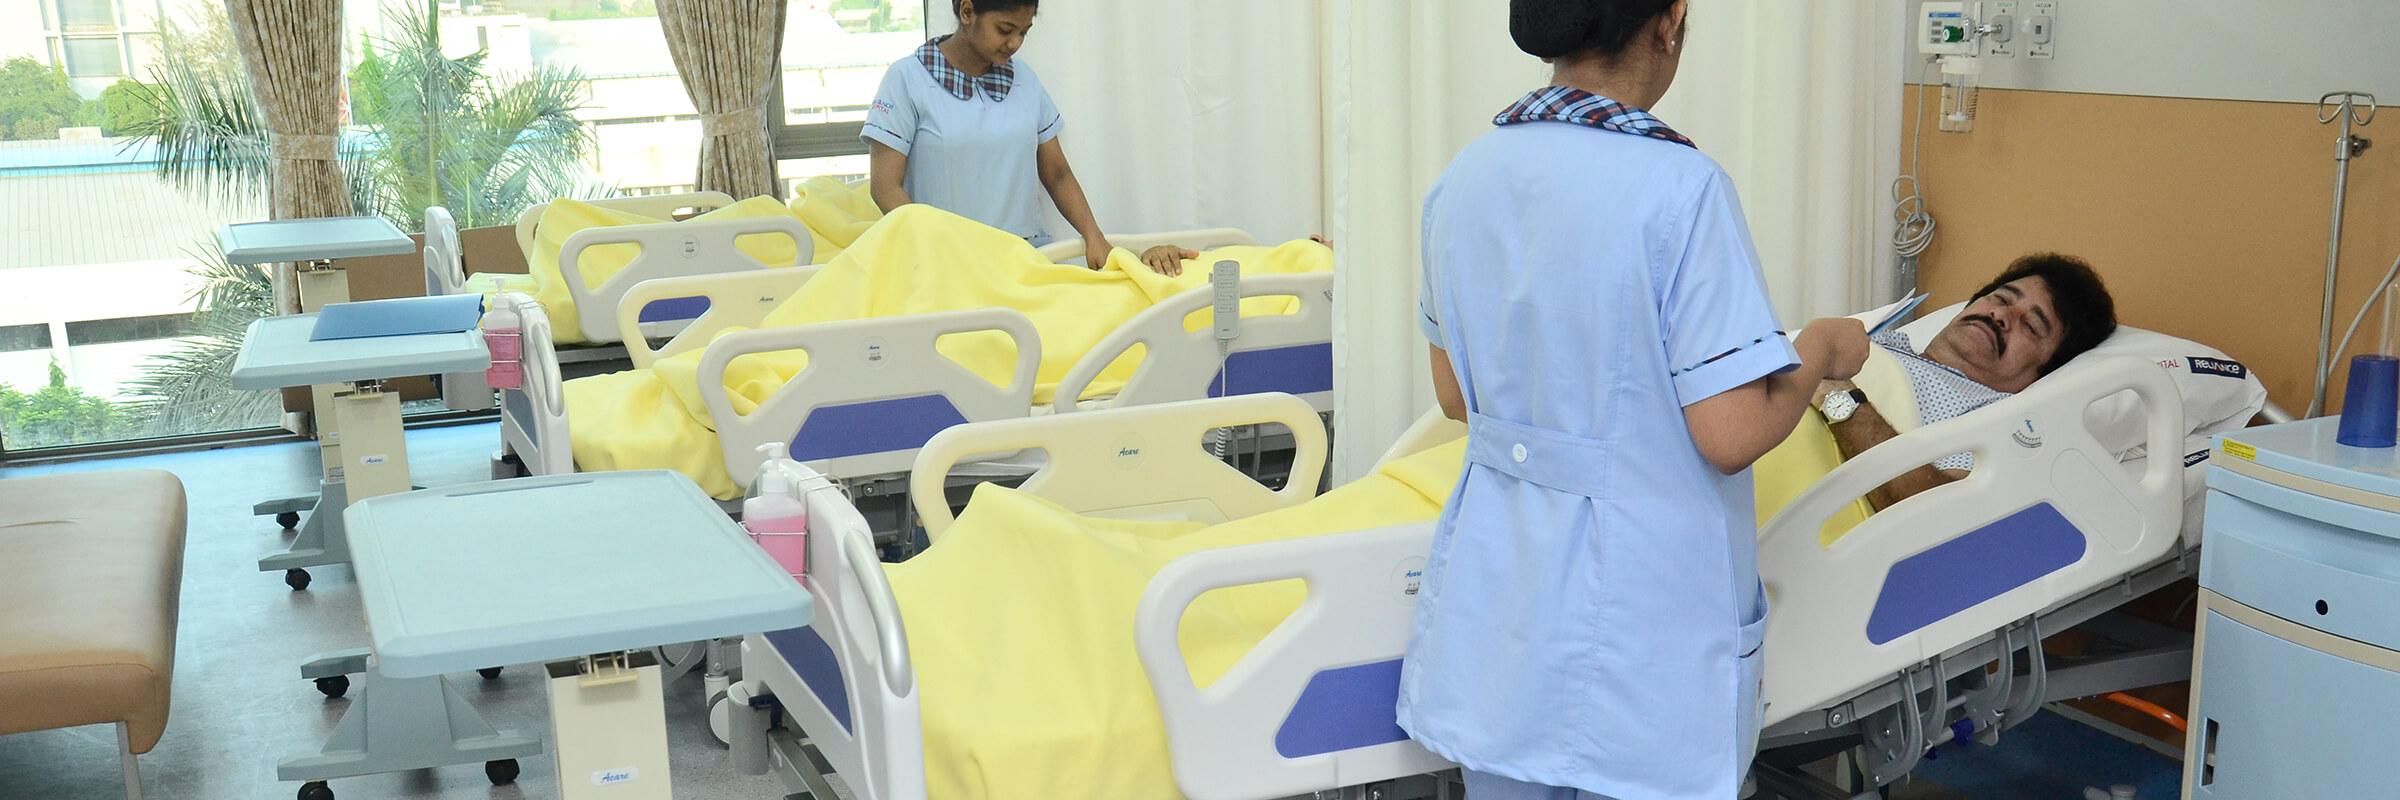 Reliance Hospitals Patient Rooms